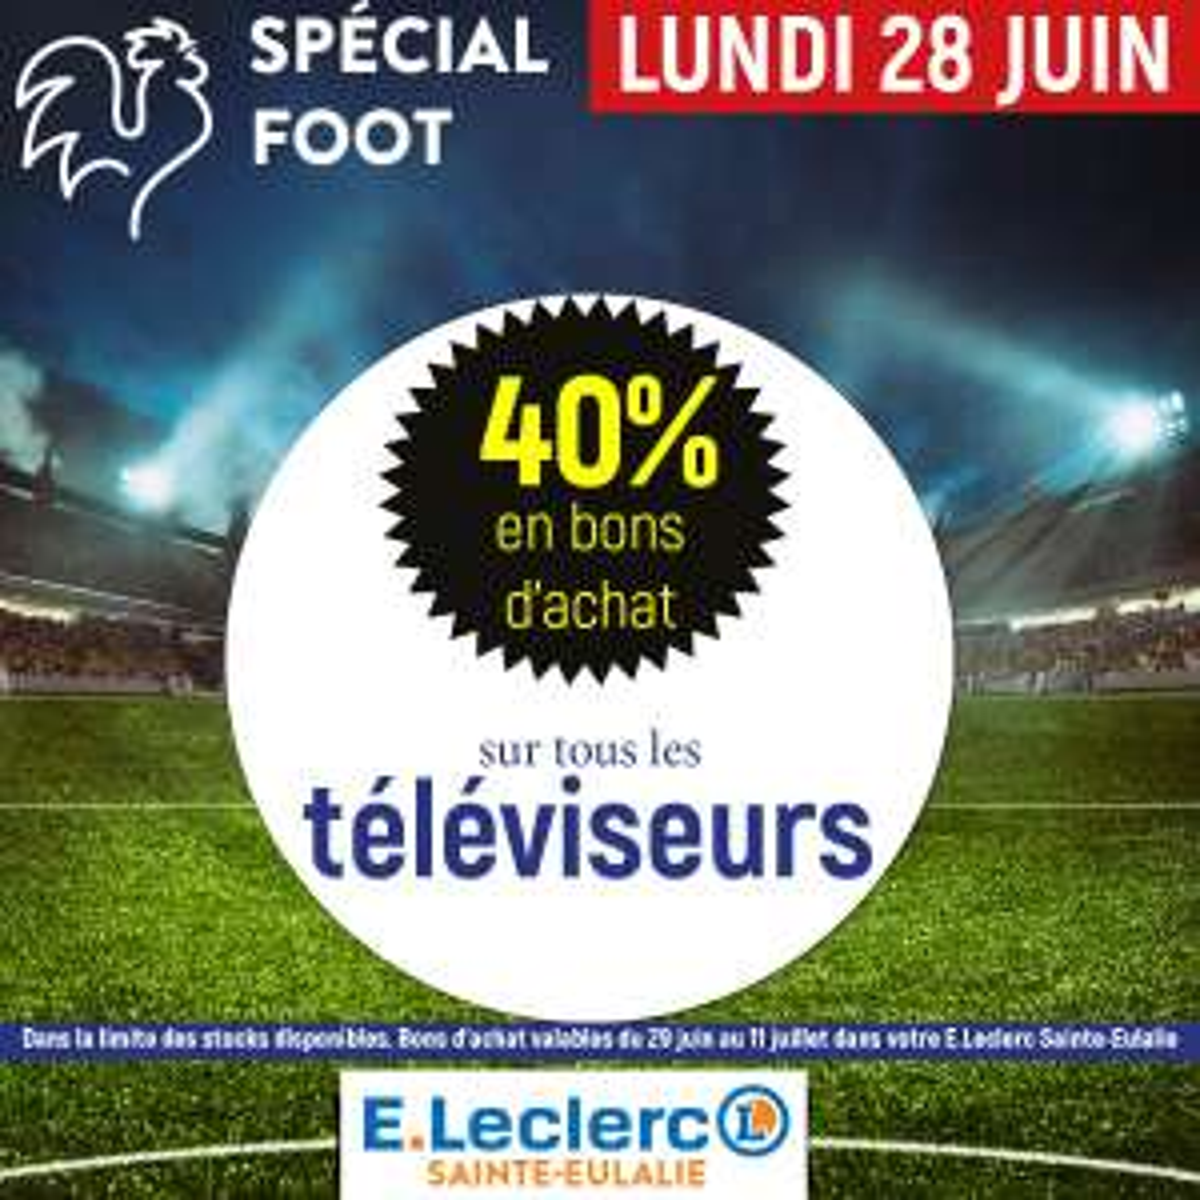 40% en bons d'achat sur toutes les TV - Sainte-Eulalie (33)